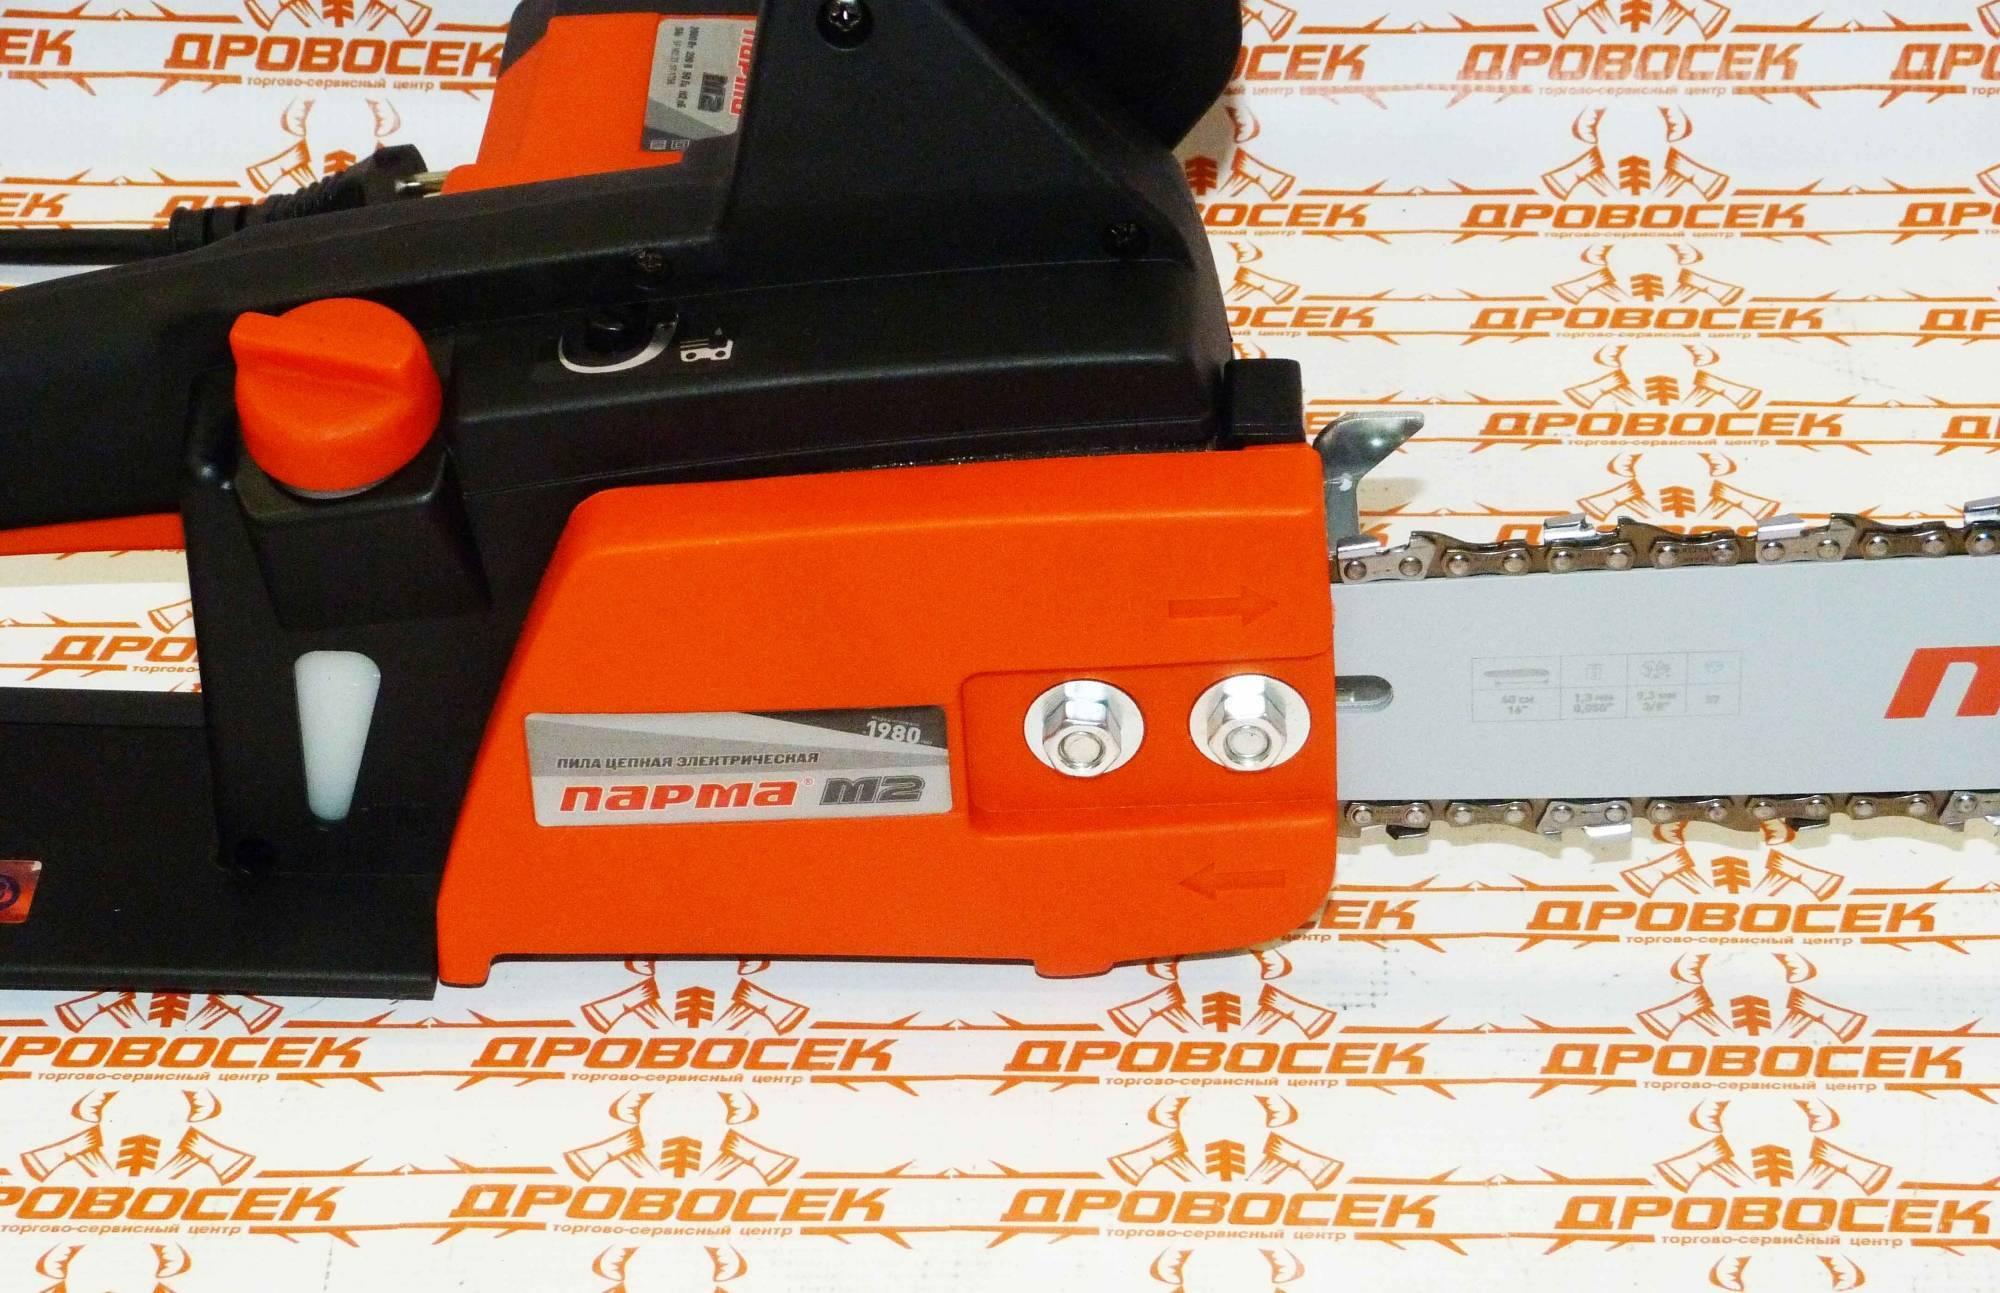 Электропила парма — обзор моделей м и 2м, цепная пила старого образца, инструкция по эксплуатации,